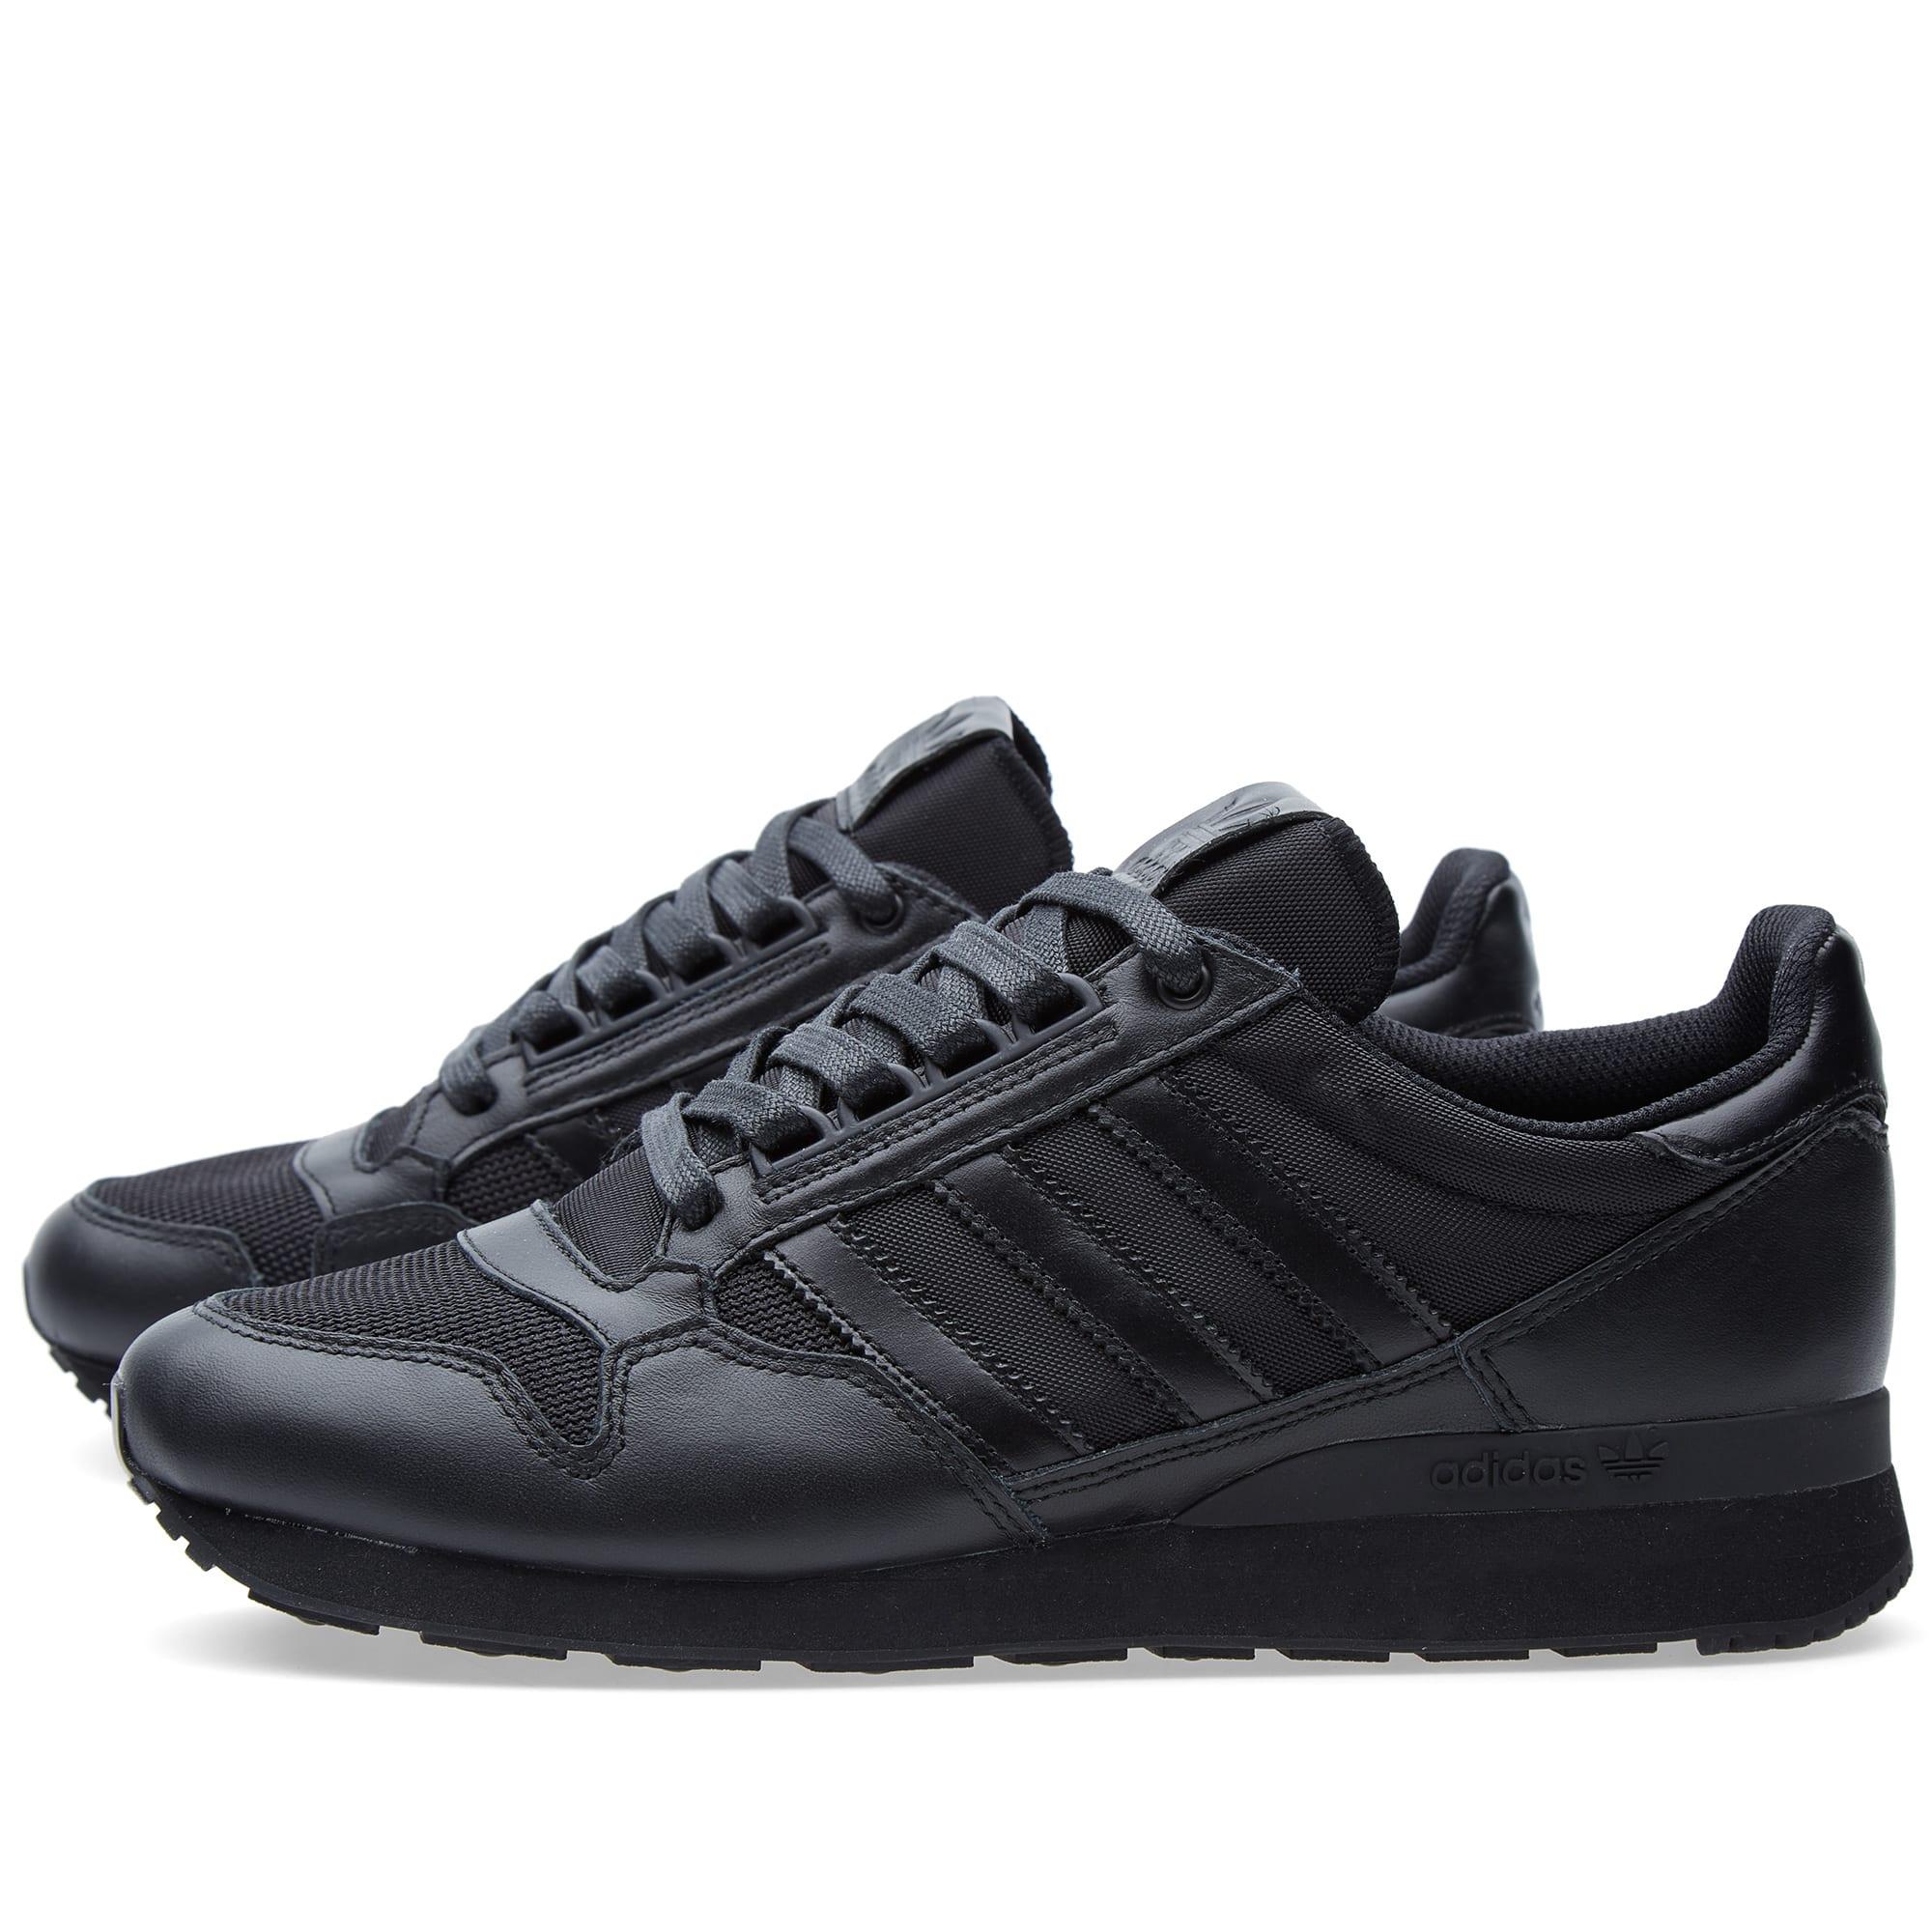 Adidas ZX 500 OG Black | END.